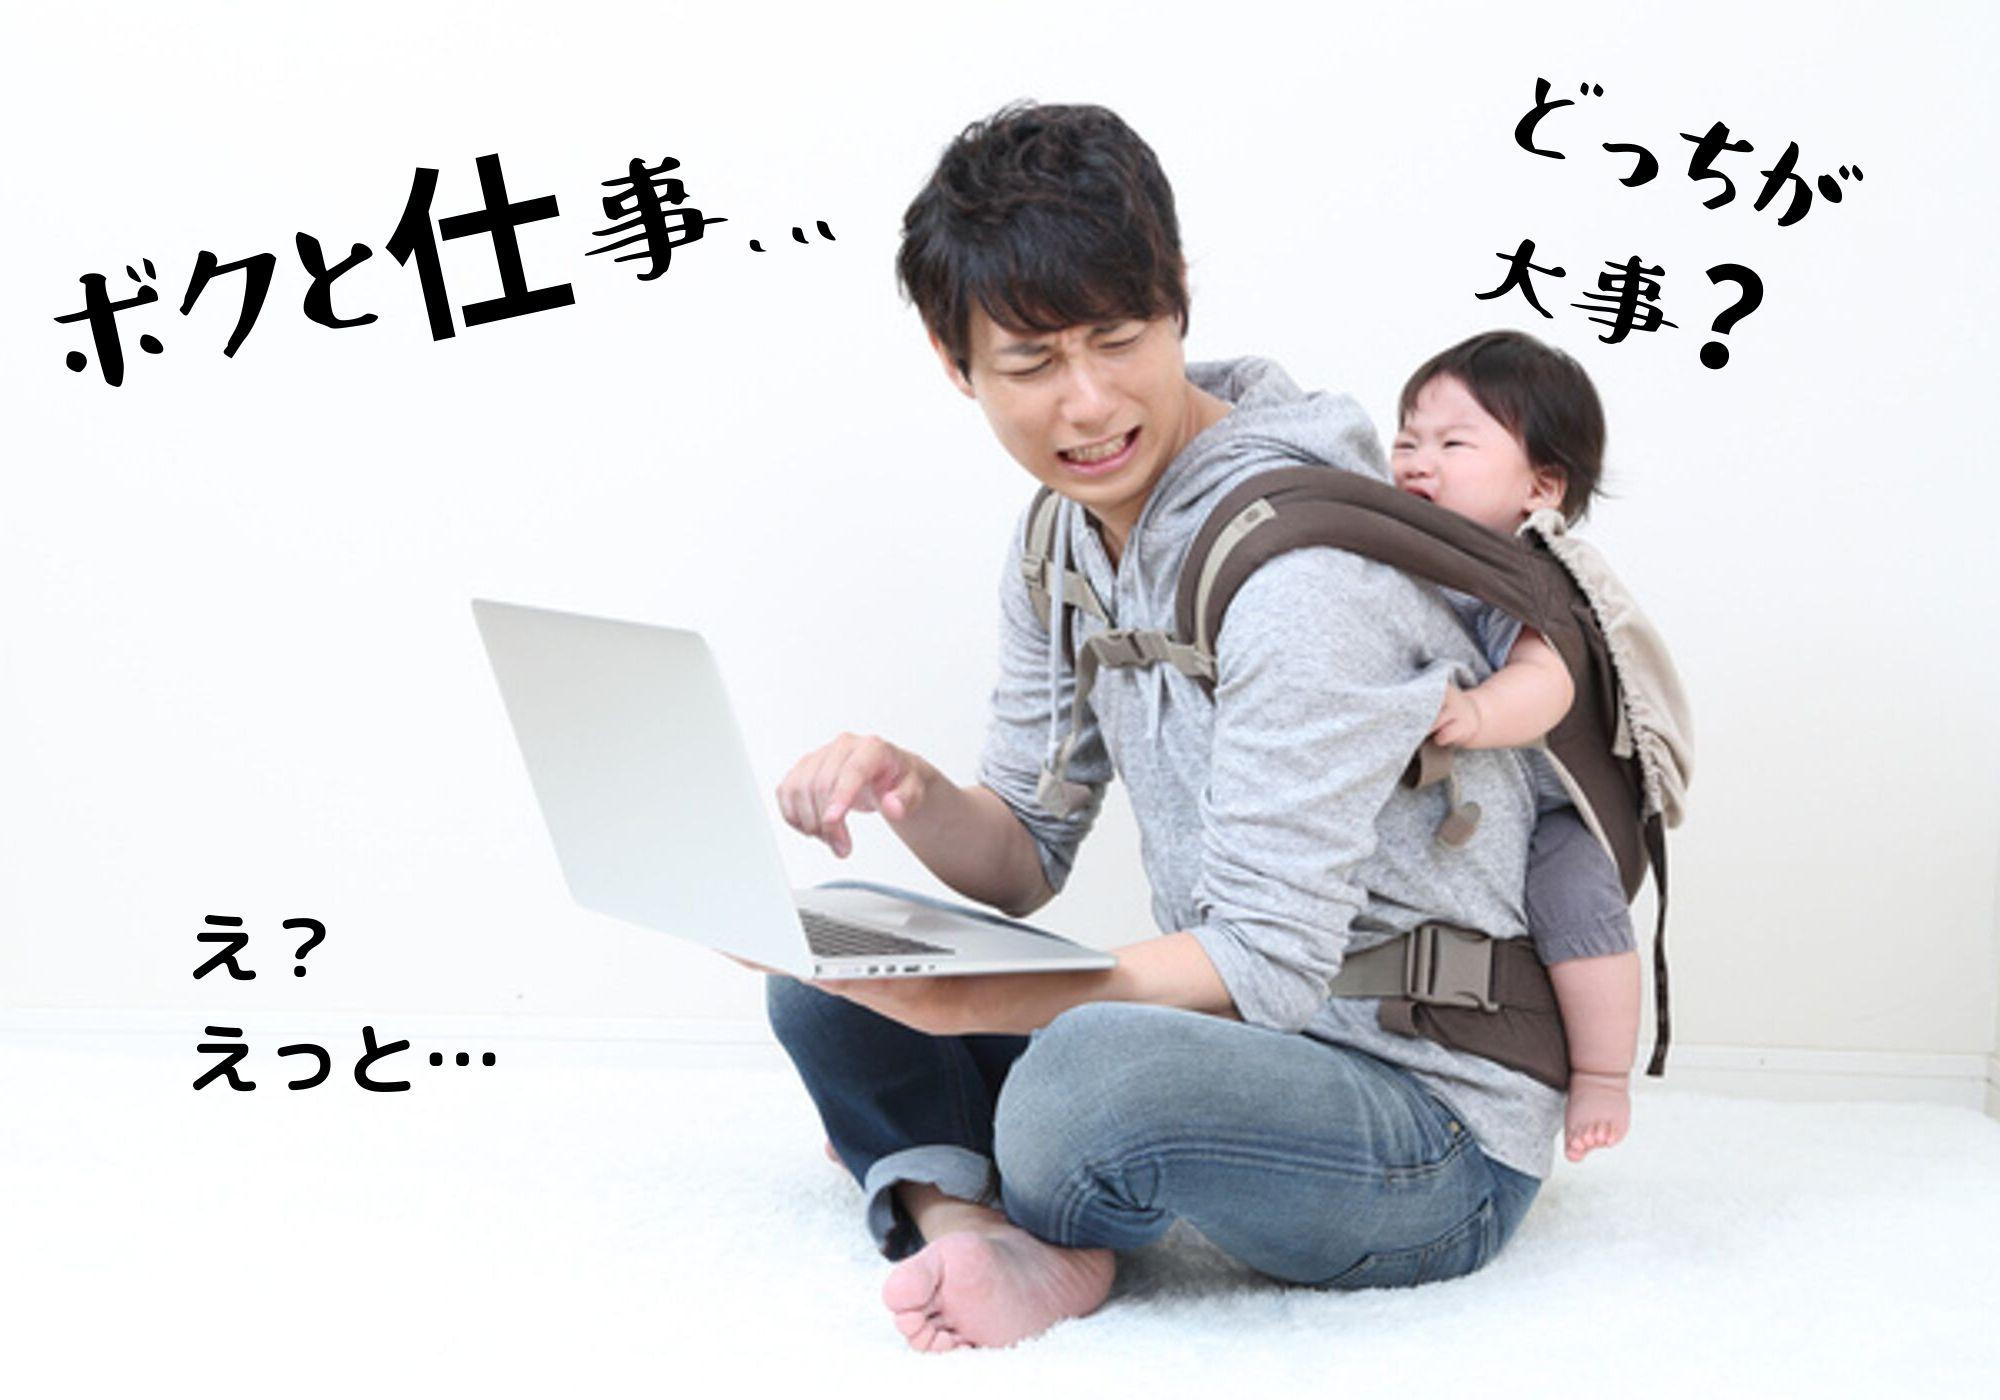 子供をおんぶしながら仕事をするイメージ